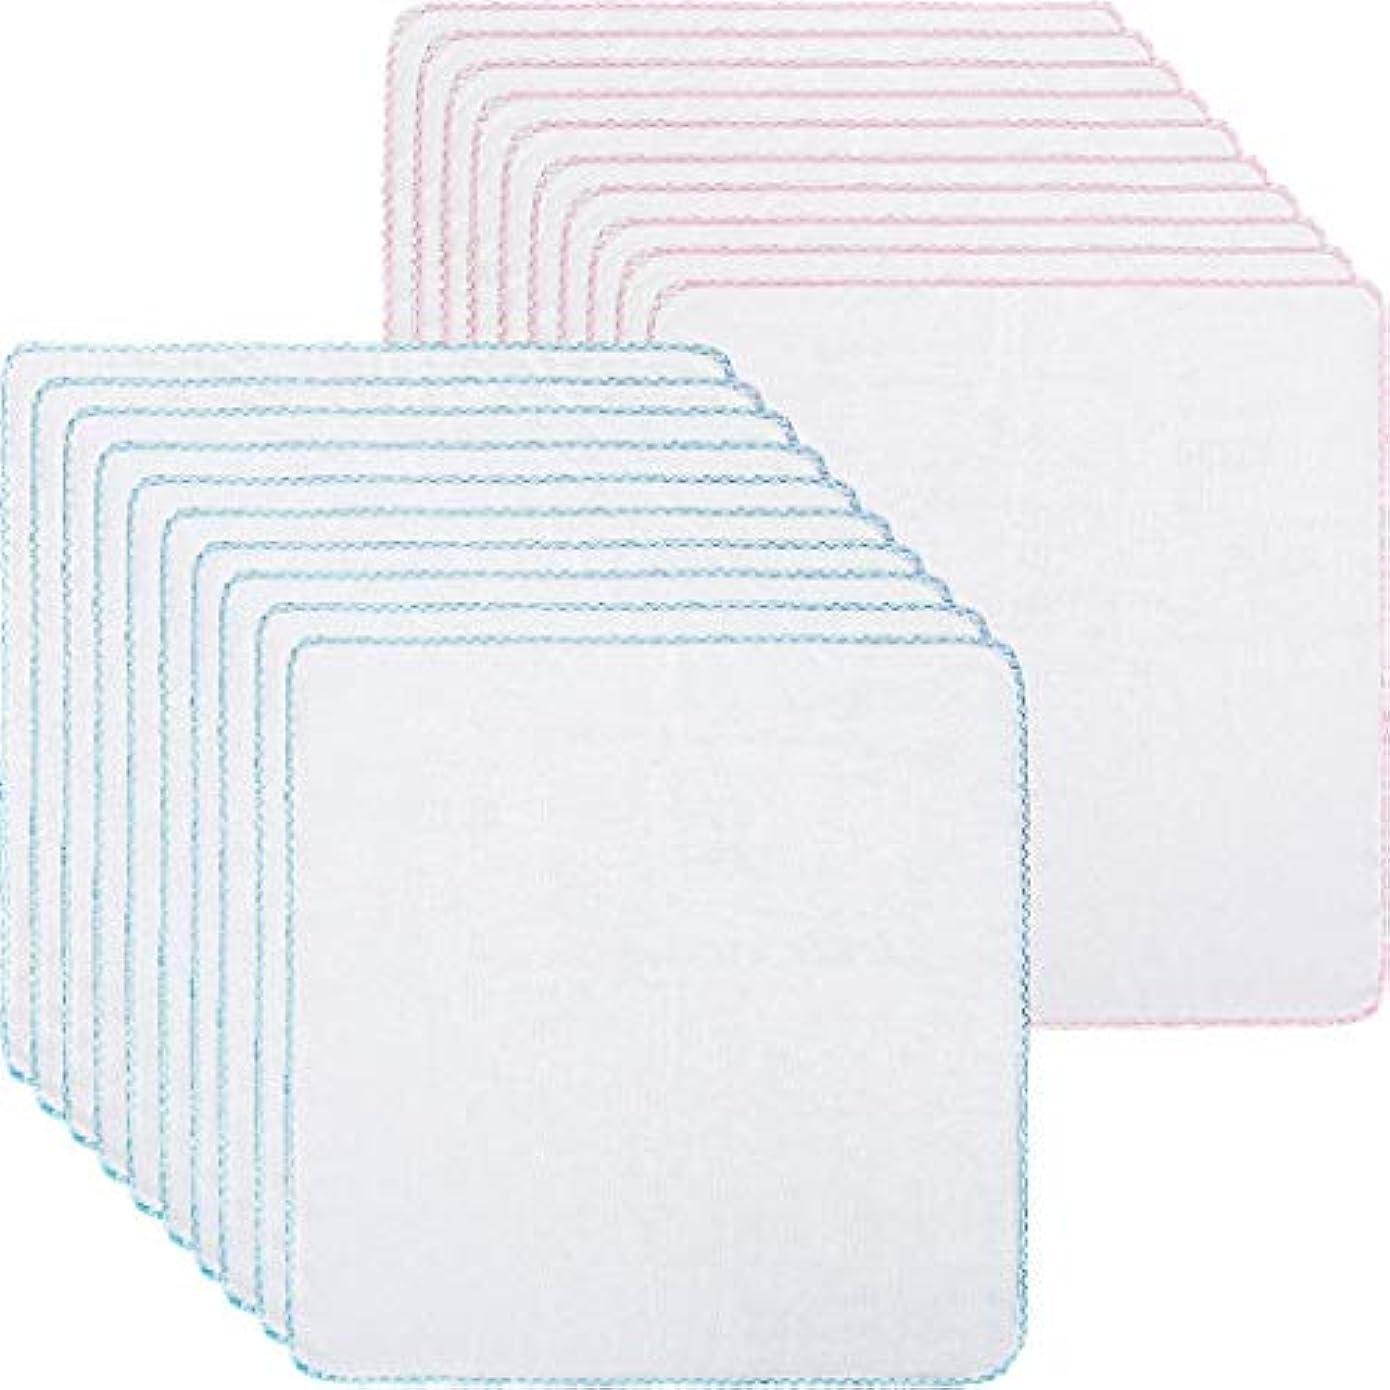 原始的なコミットメントアンケートQuzama-JS 釘芸術装飾のための魅力的な36箱の箔